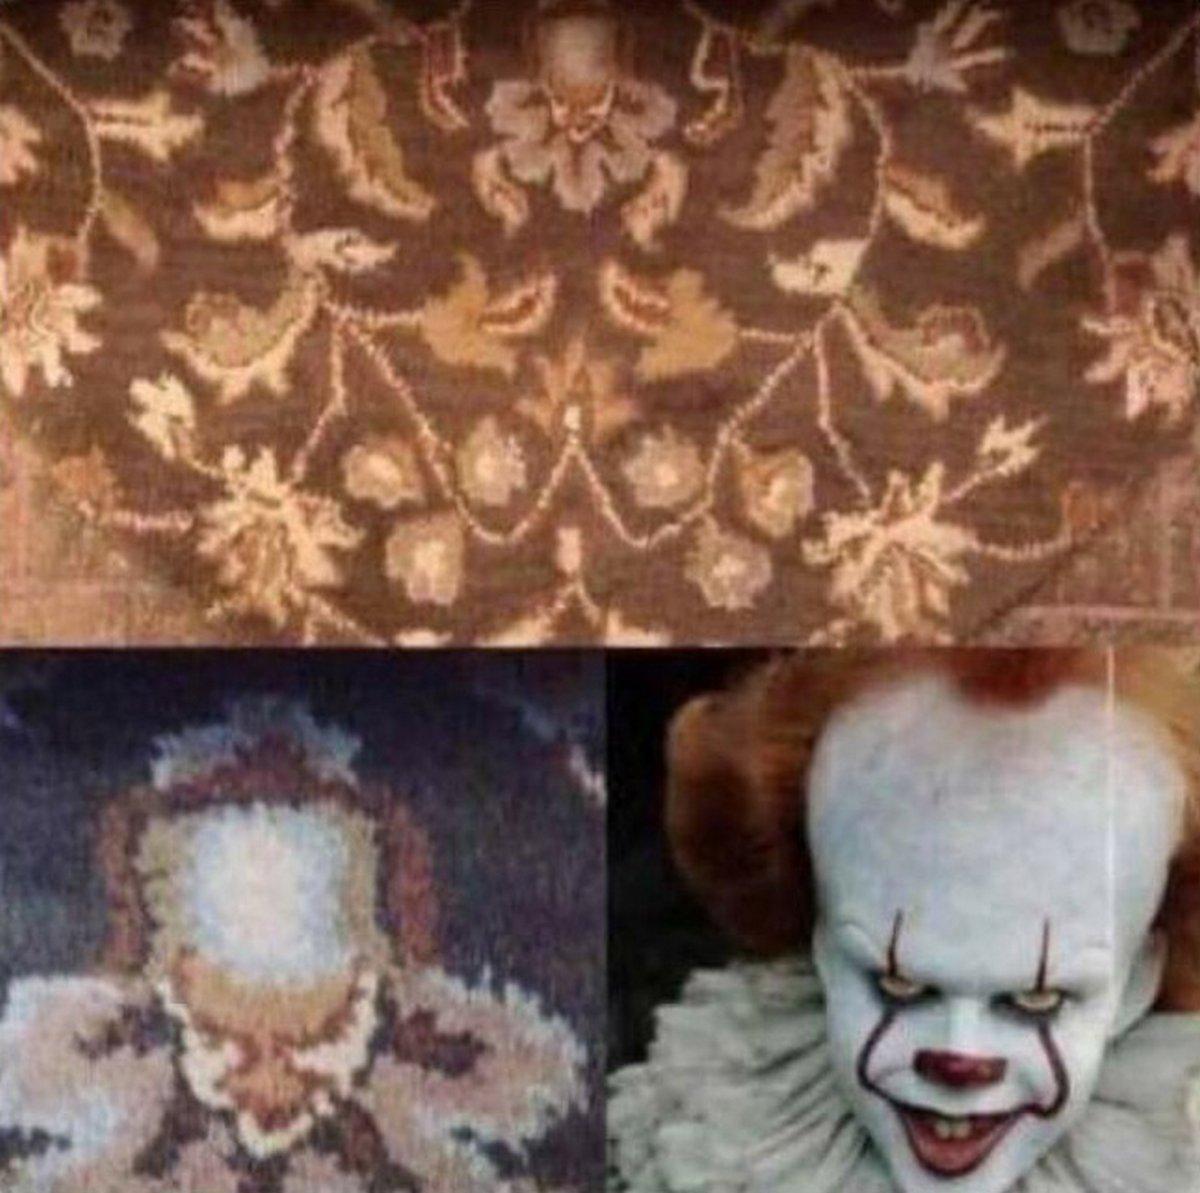 Ces photos étrangement terrifiantes ont donné la chair de poule aux gens